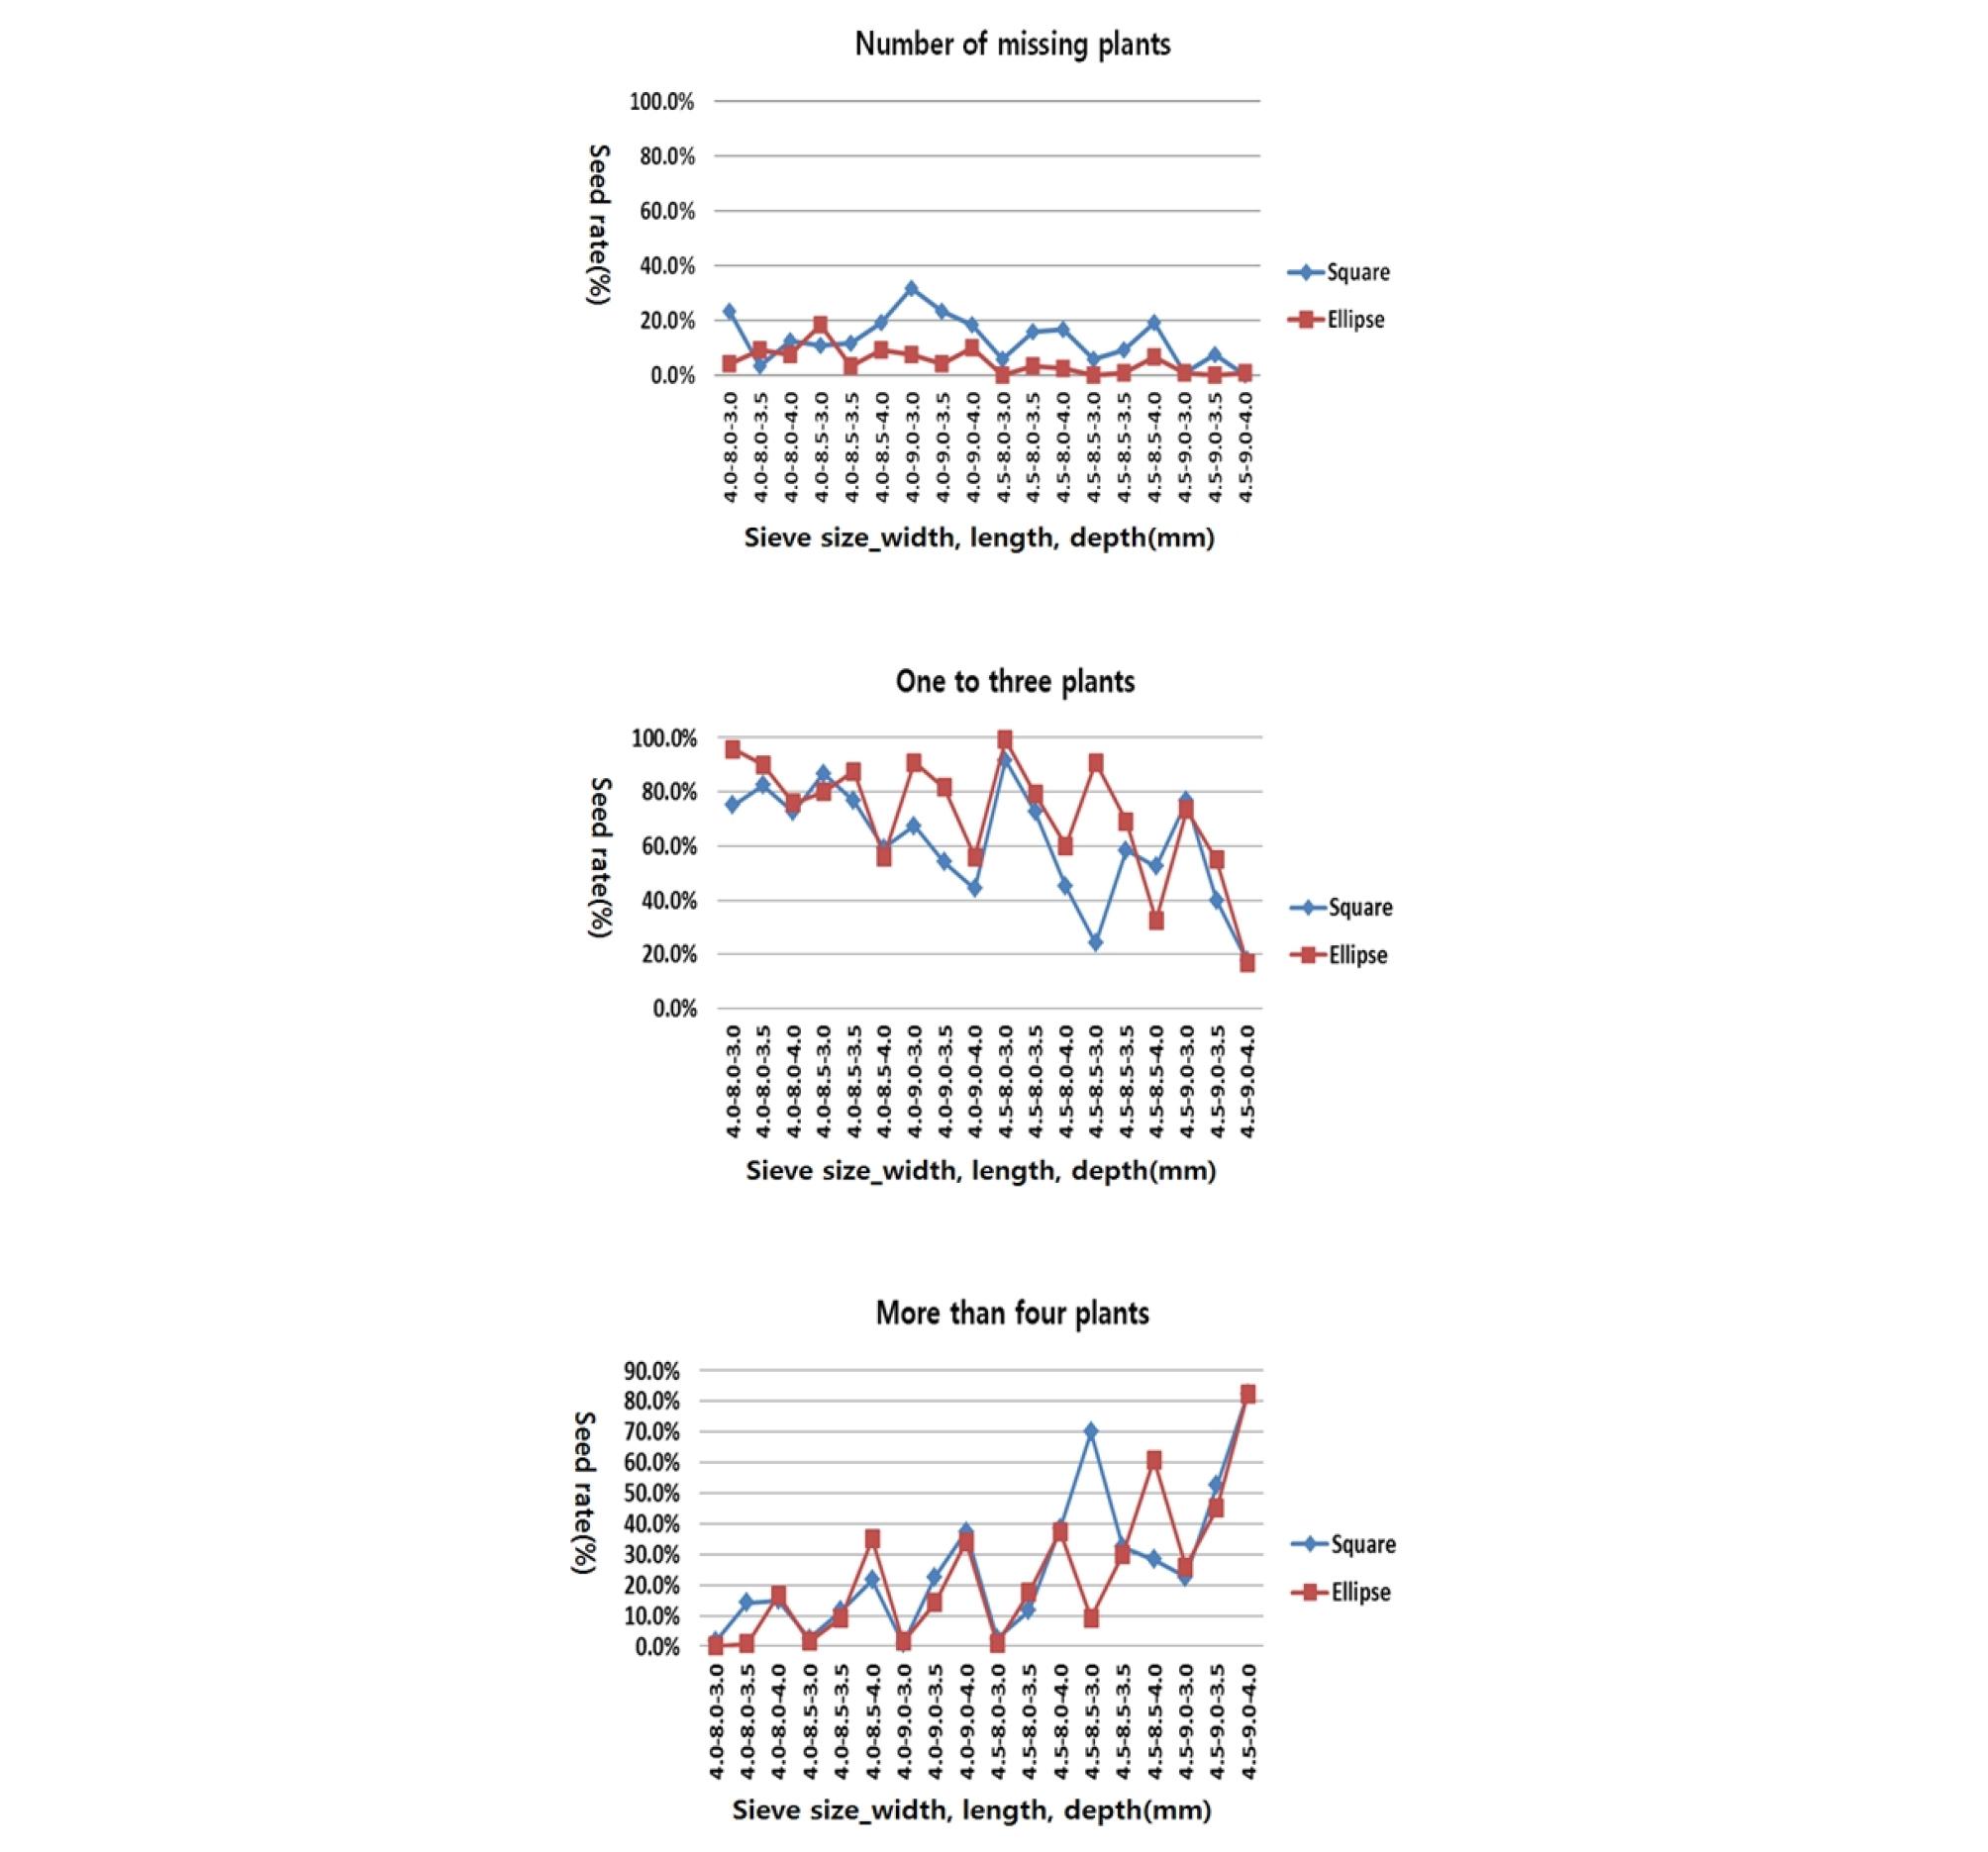 http://static.apub.kr/journalsite/sites/ksam/2018-043-04/N0770430406/images/ksam_43_04_06_F10.jpg